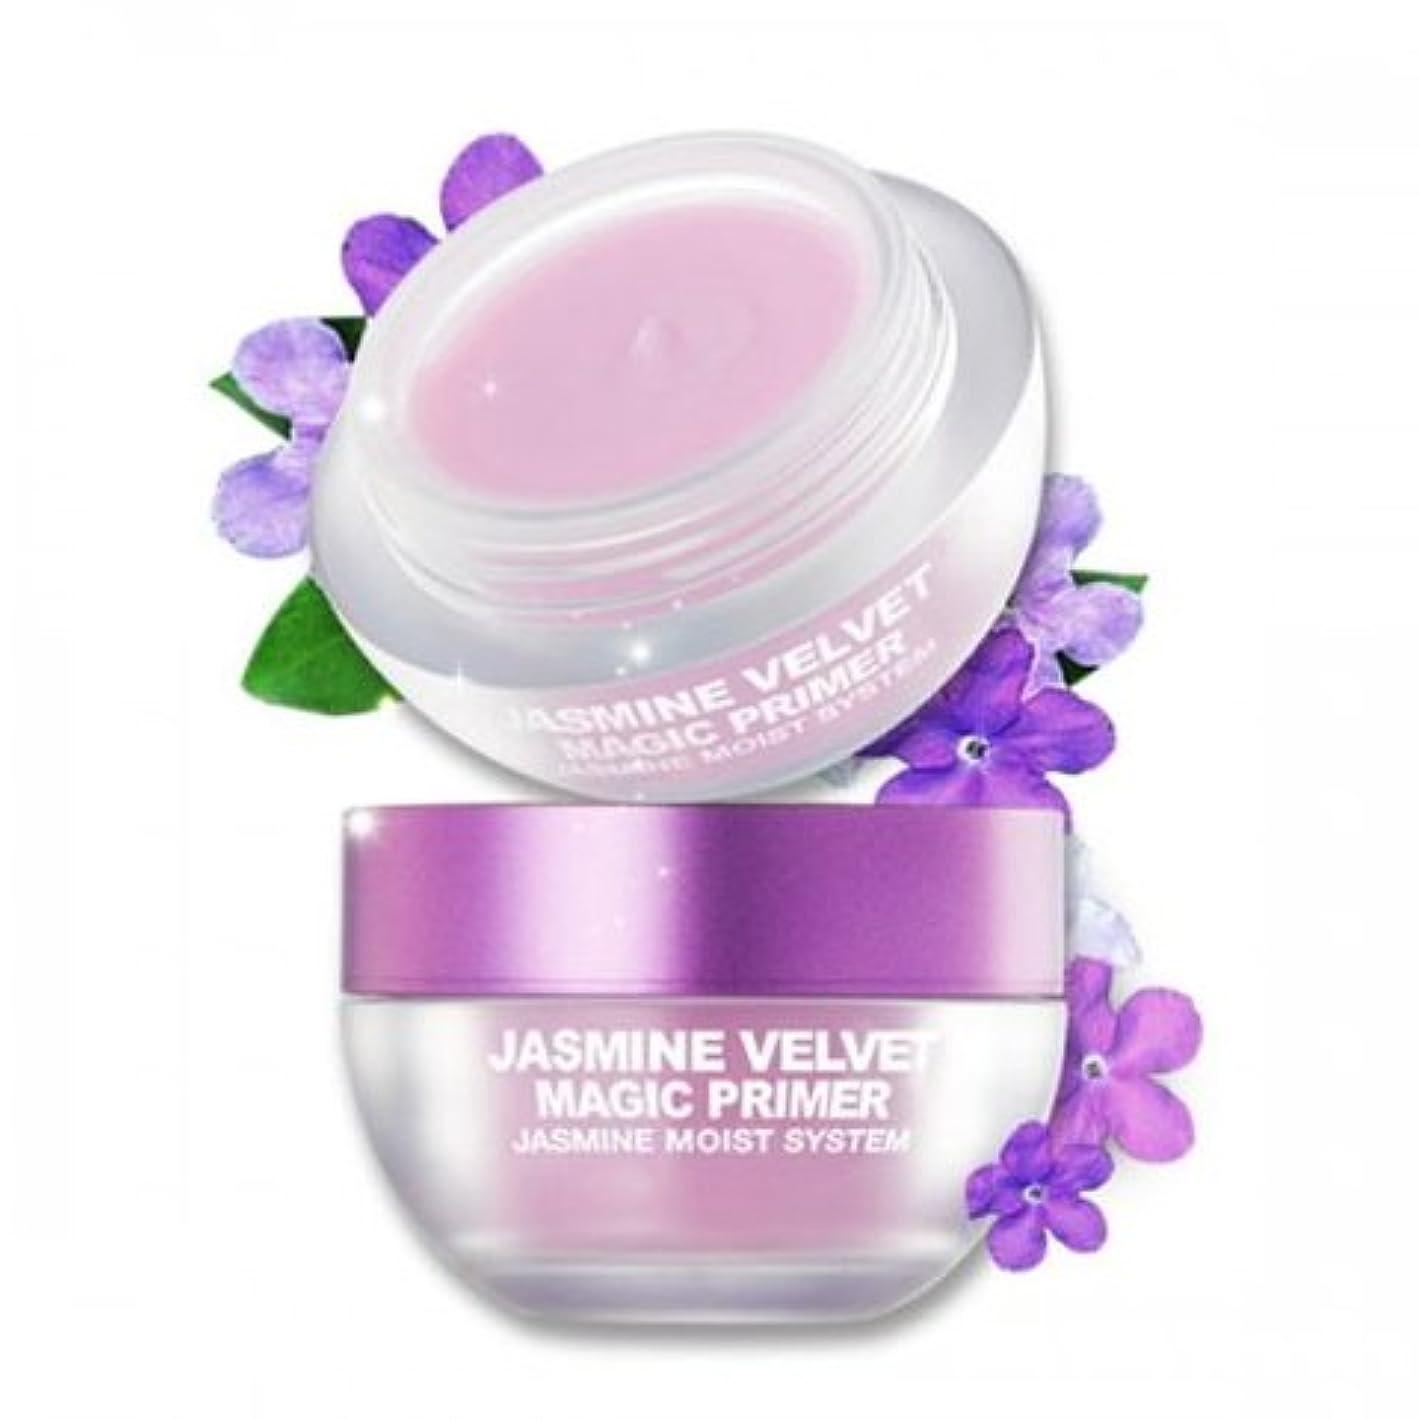 緩む服コンパイル【BRTC/非アルティ時]Jasmine Velvet Magic Primer/ぽっかり空いた毛穴なめらか卵肌に仕上げ!/BRTCジャスミンベルベットマジックプライマー30ml(海外直送品)